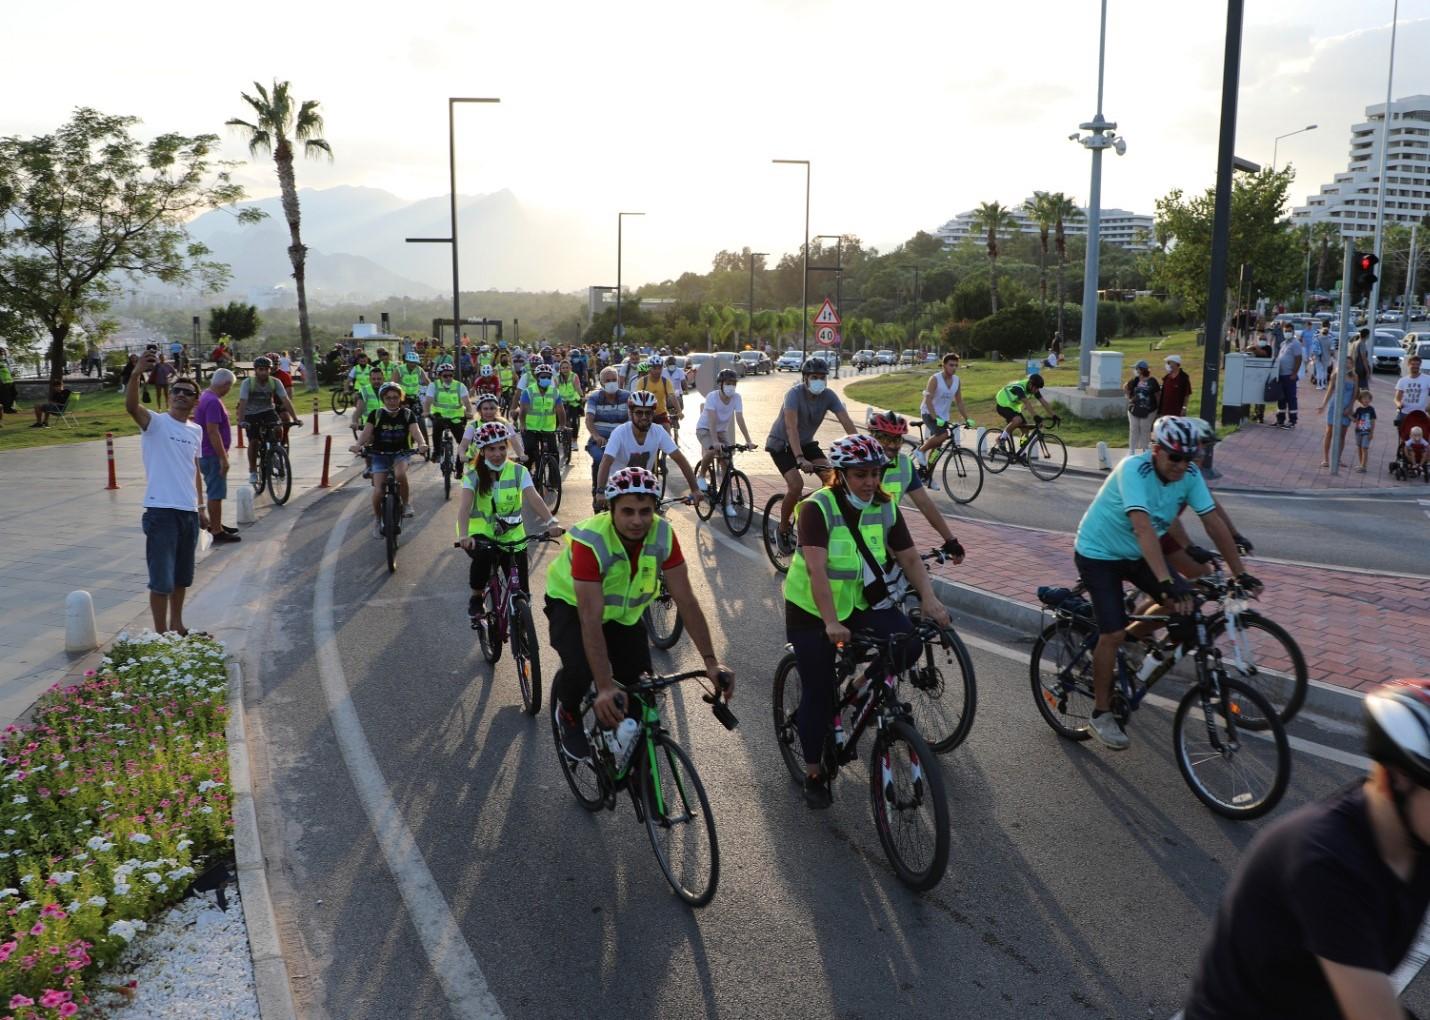 Antalya sağlıklı yaşam için pedalladı Avrupa Hareketlilik Haftası kapsamında bisiklet turu düzenlendi